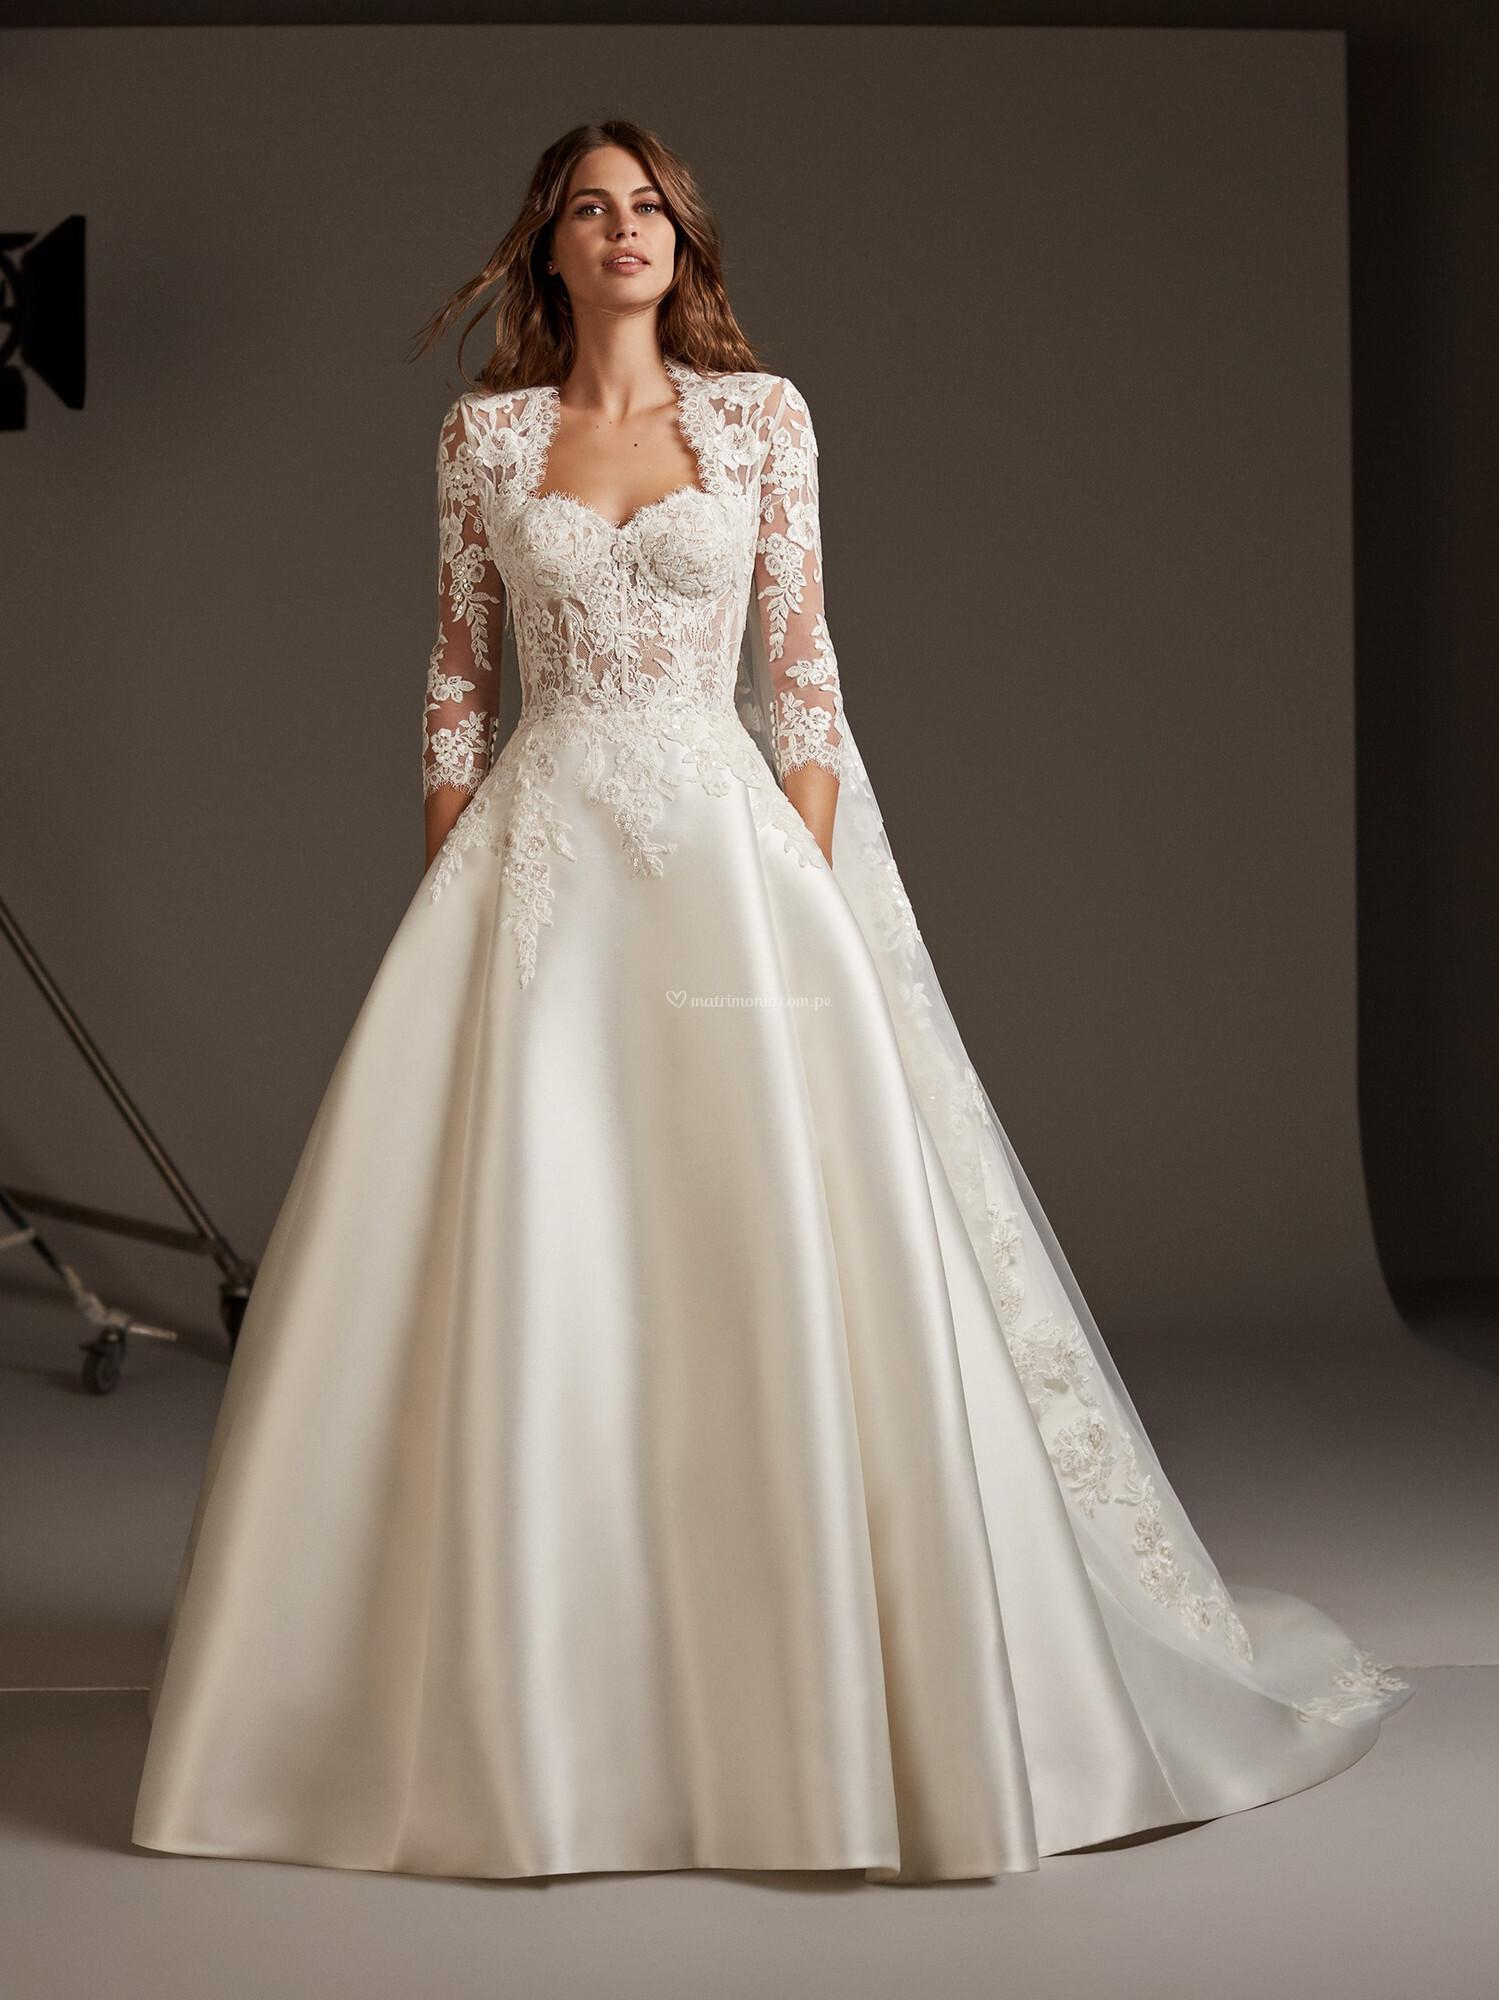 Vestidos corte princesa 2020 11